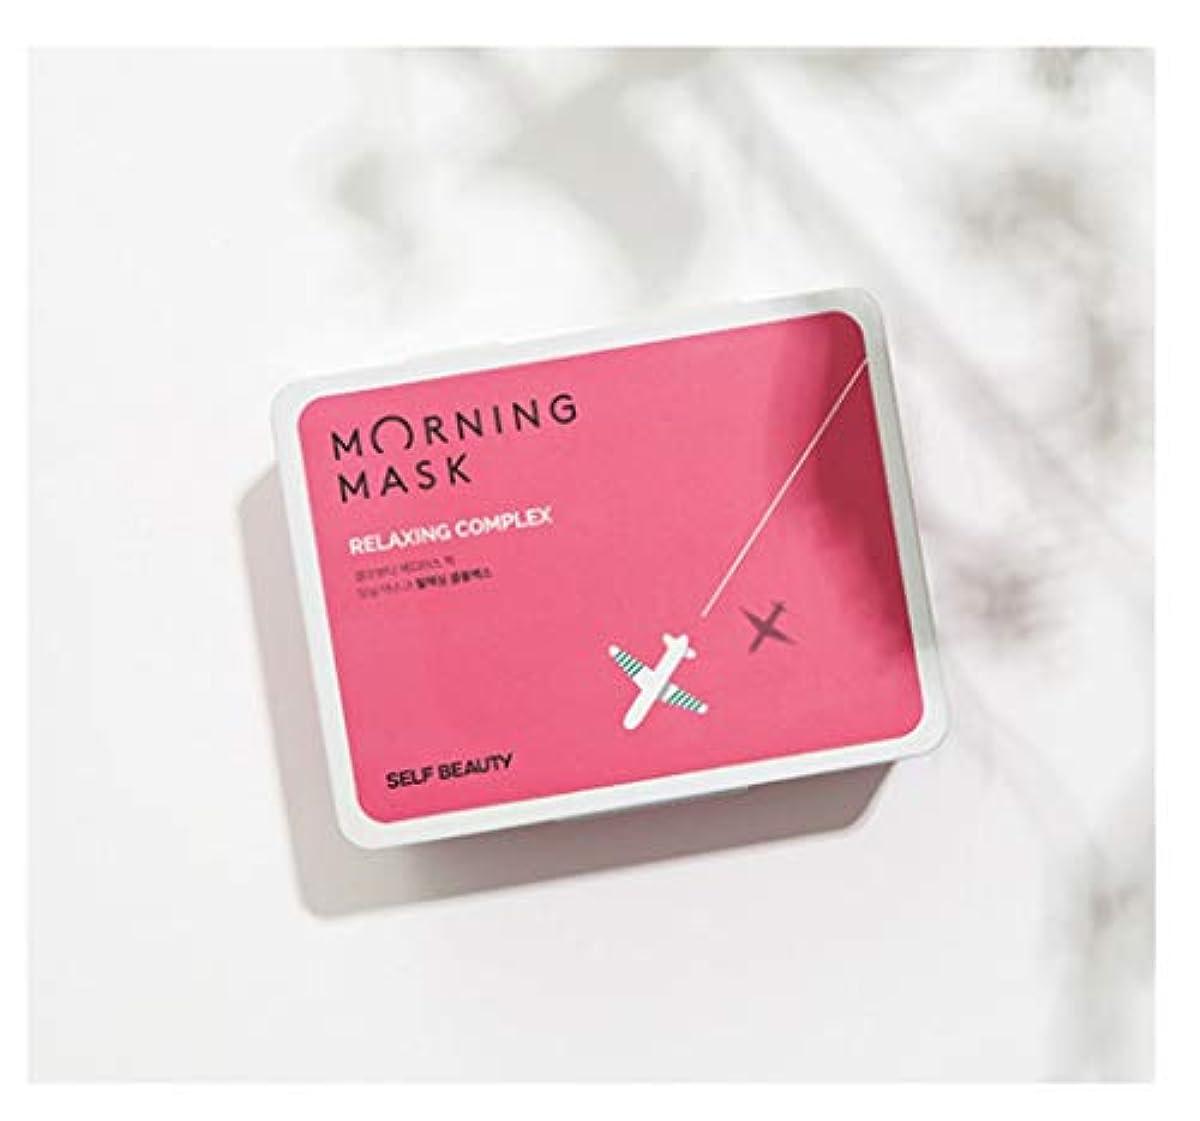 安全でない正しくアダルトSelf Beauty Morning Mask Relaxing Complex 1Box/30Sheetメイクアップの前にモーニングマスク、疲れた肌のための鎮静ケア(海外直送)